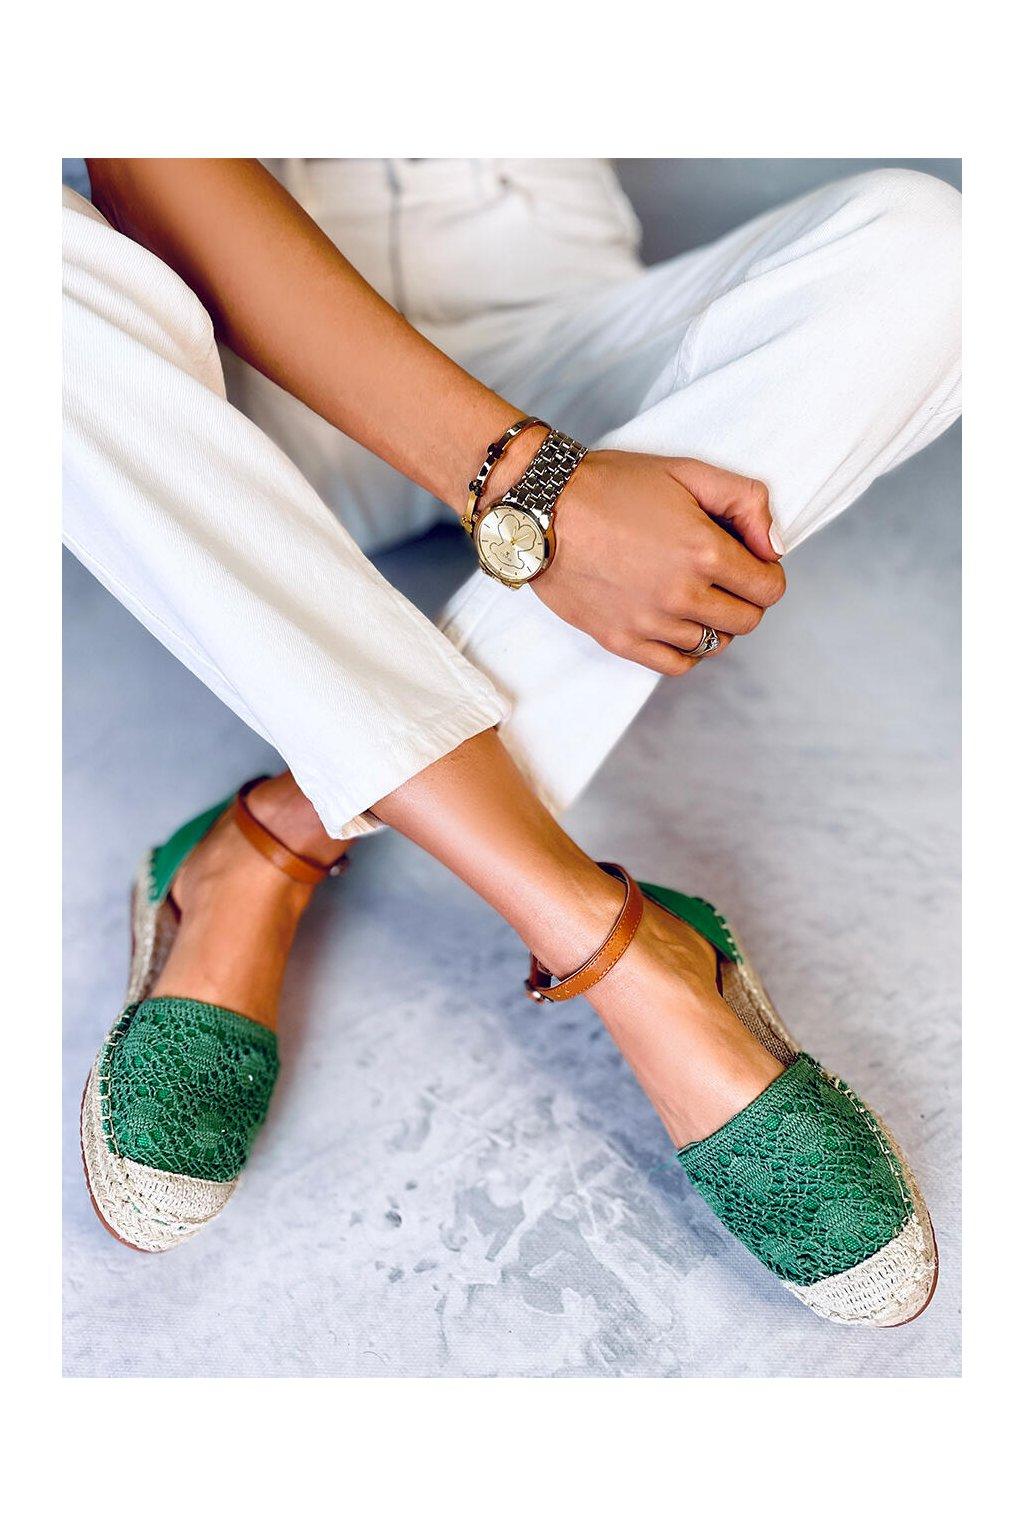 Dámske sandále zelené na plochom podpätku 3035